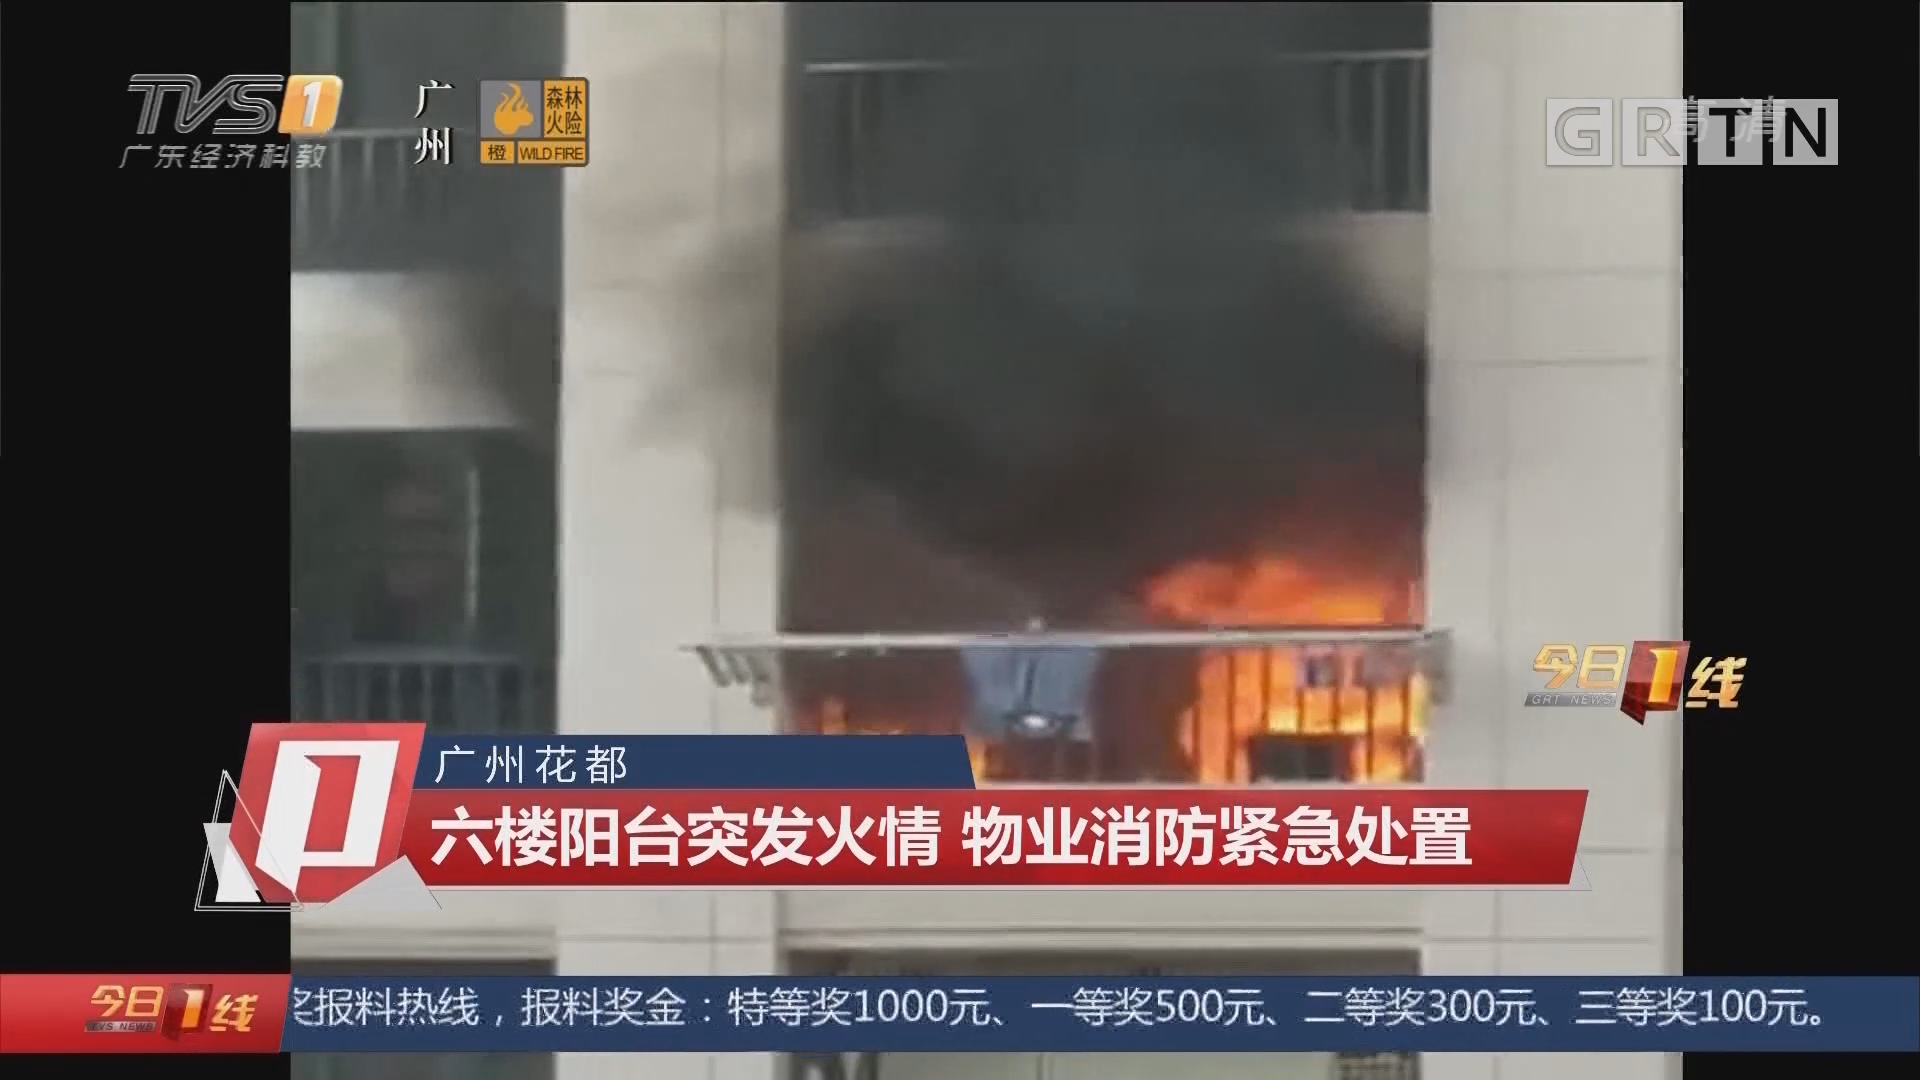 广州花都:六楼阳台突发火情 物业消防紧急处置